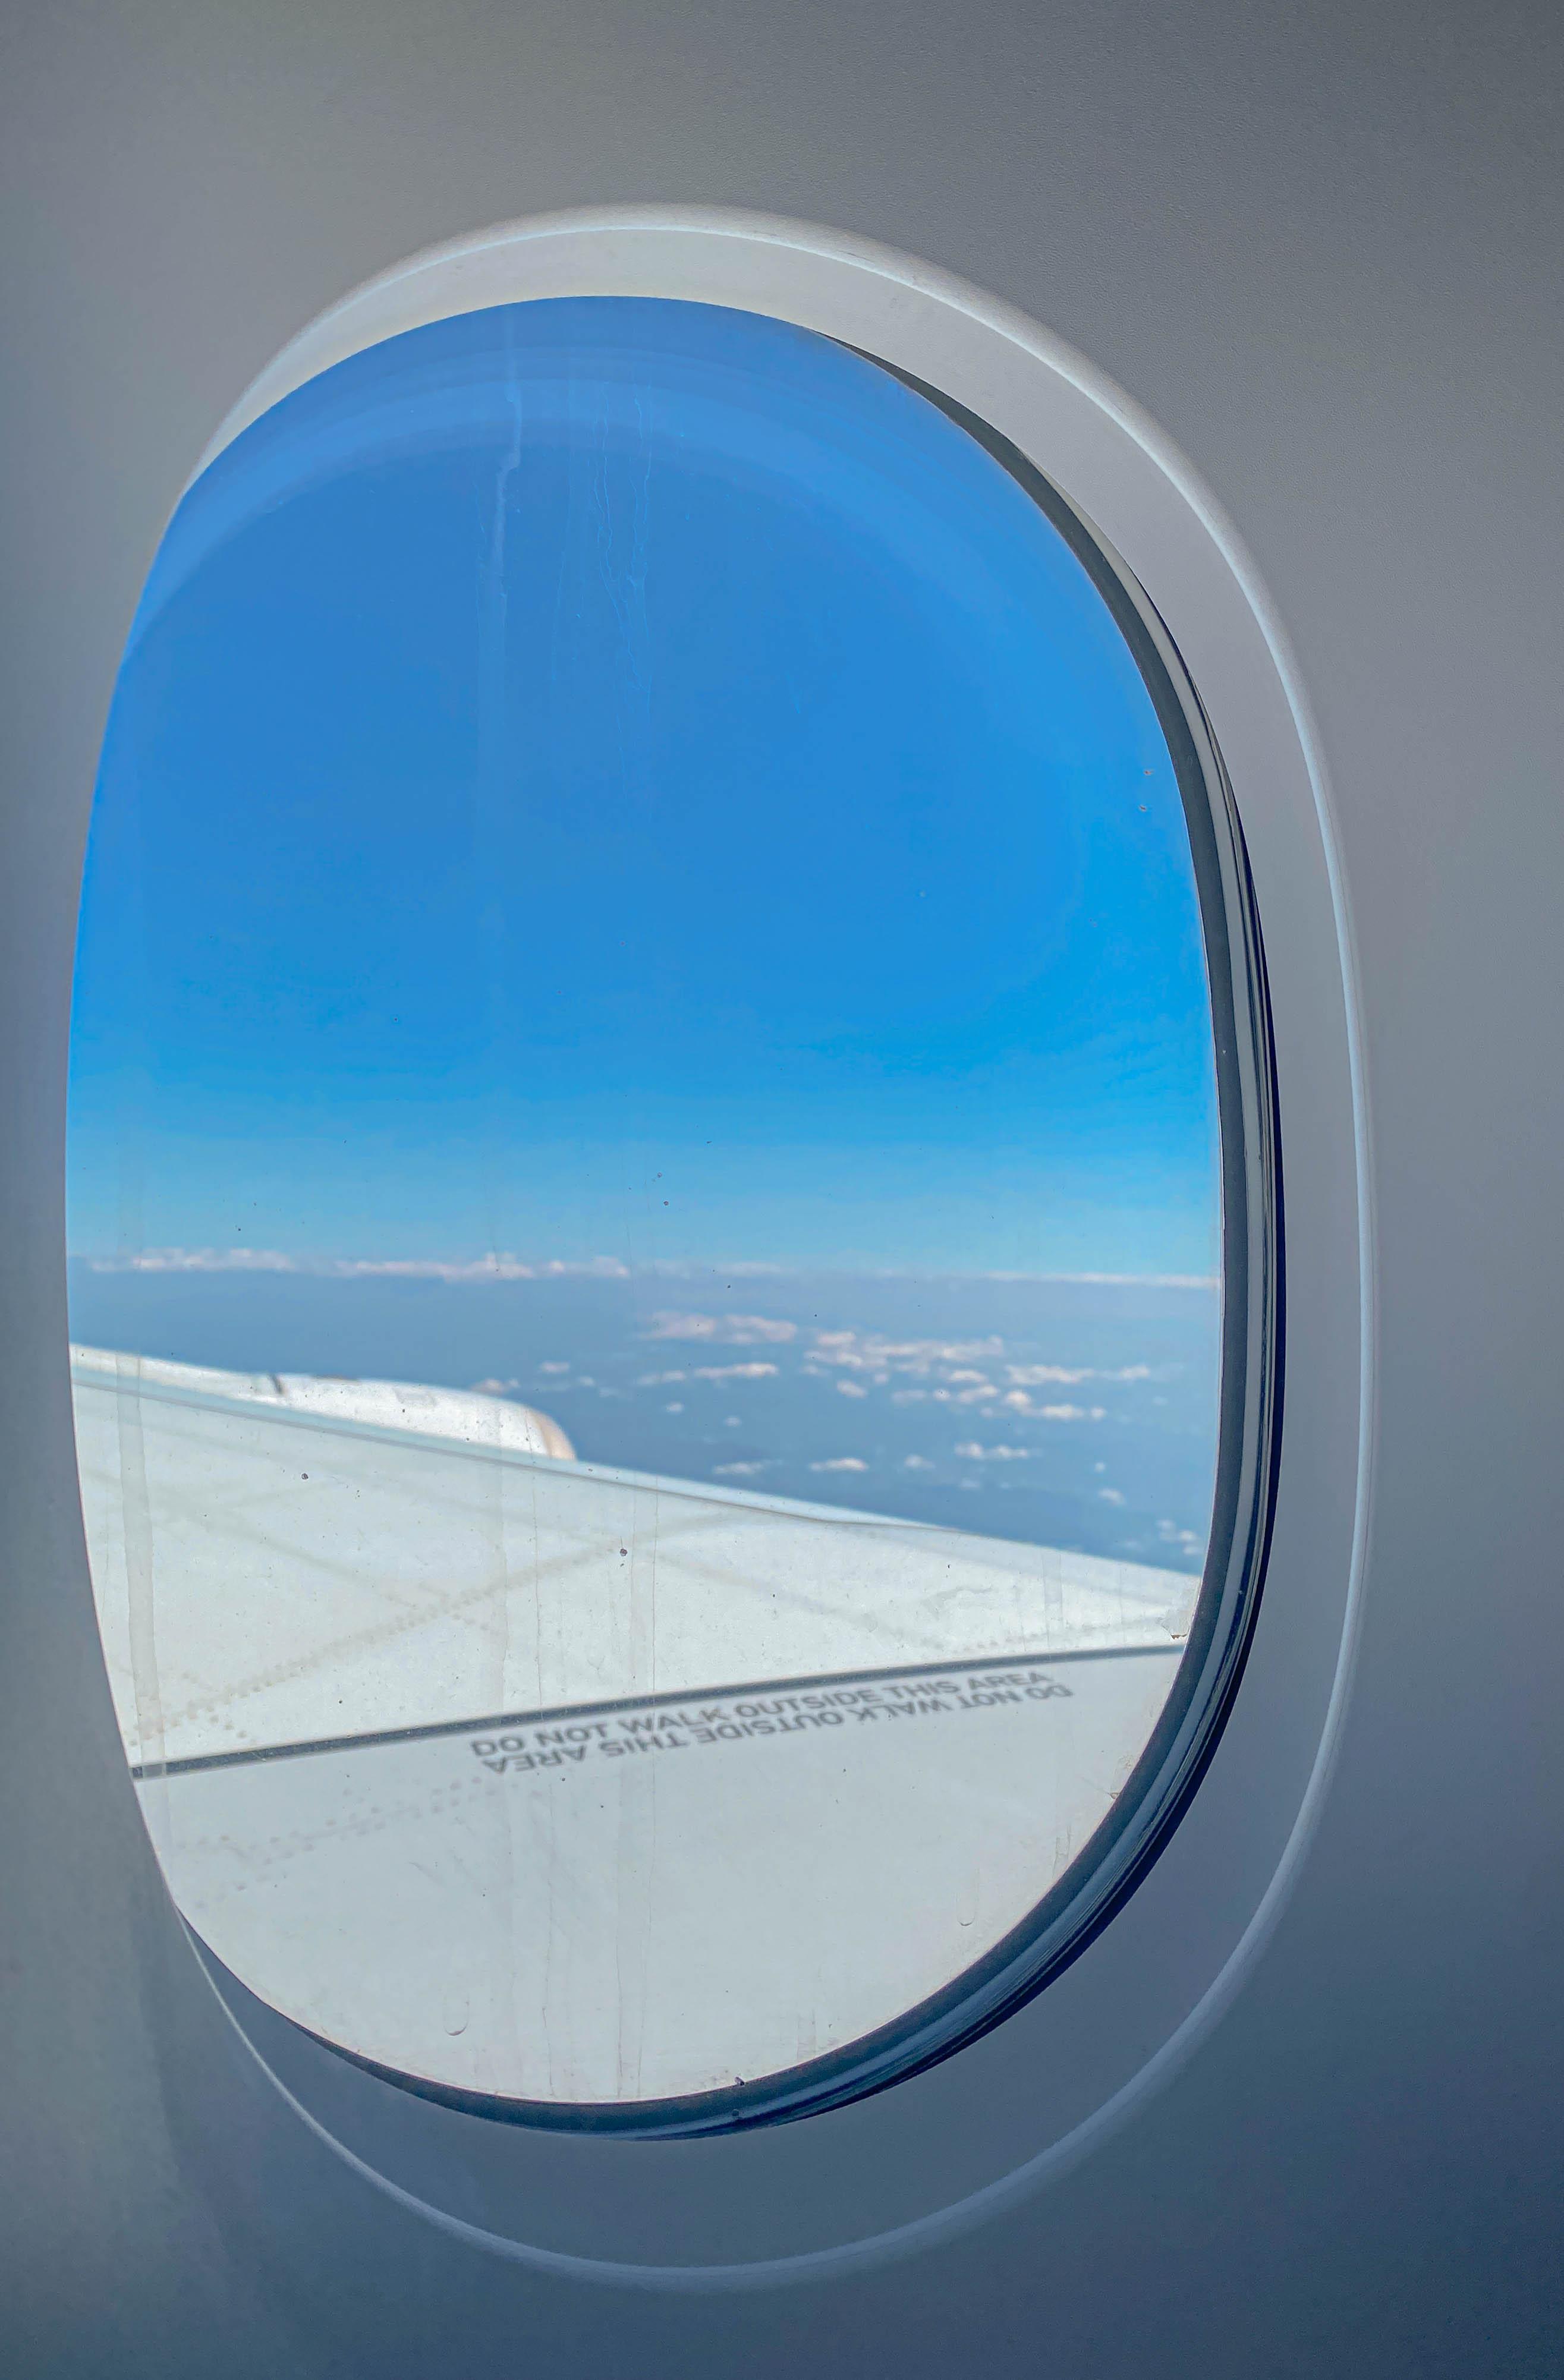 창가 자리에서는 푸른 하늘을 마음껏 볼 수 있다.